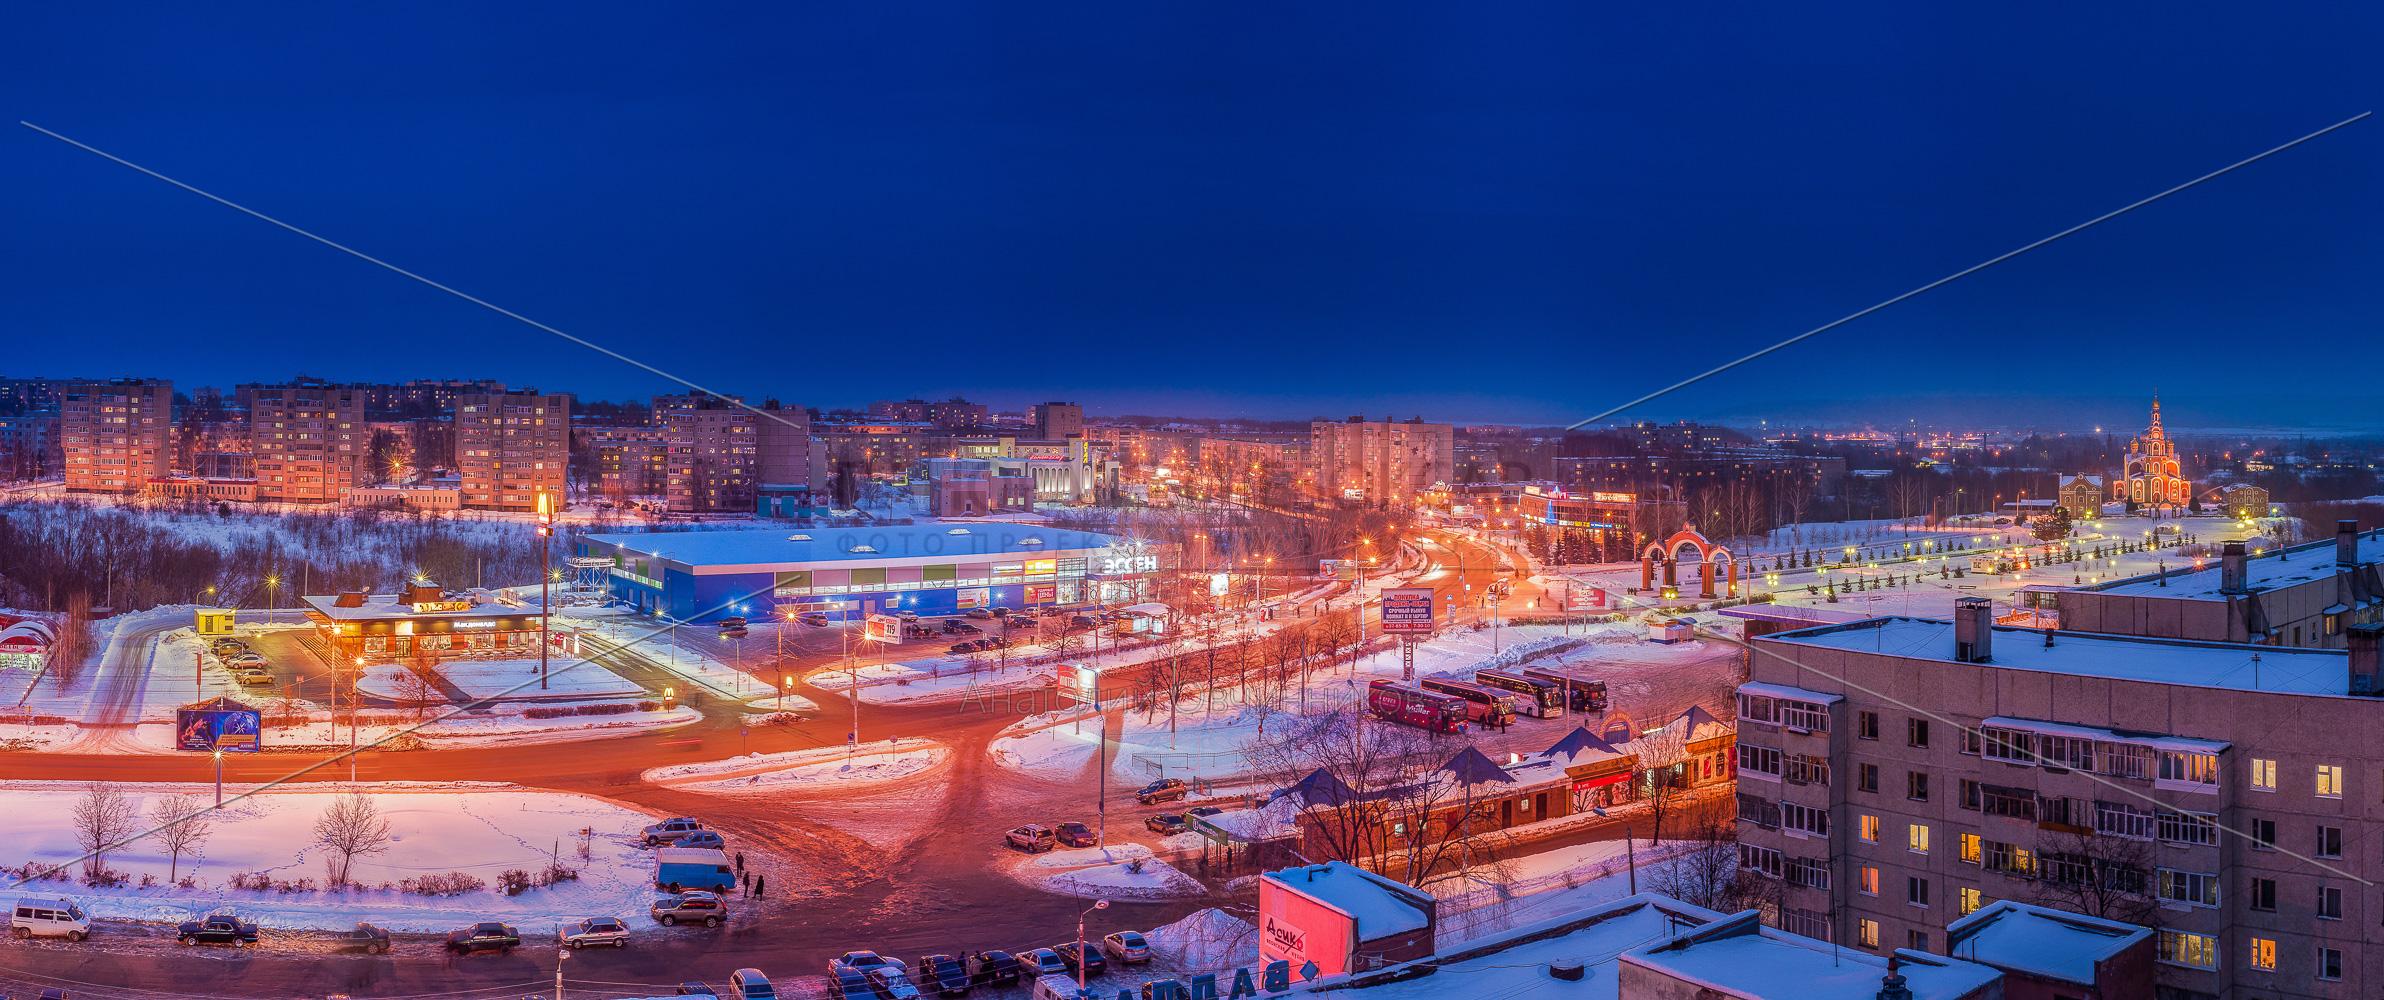 Панорама Новочебоксарск зимой 2013